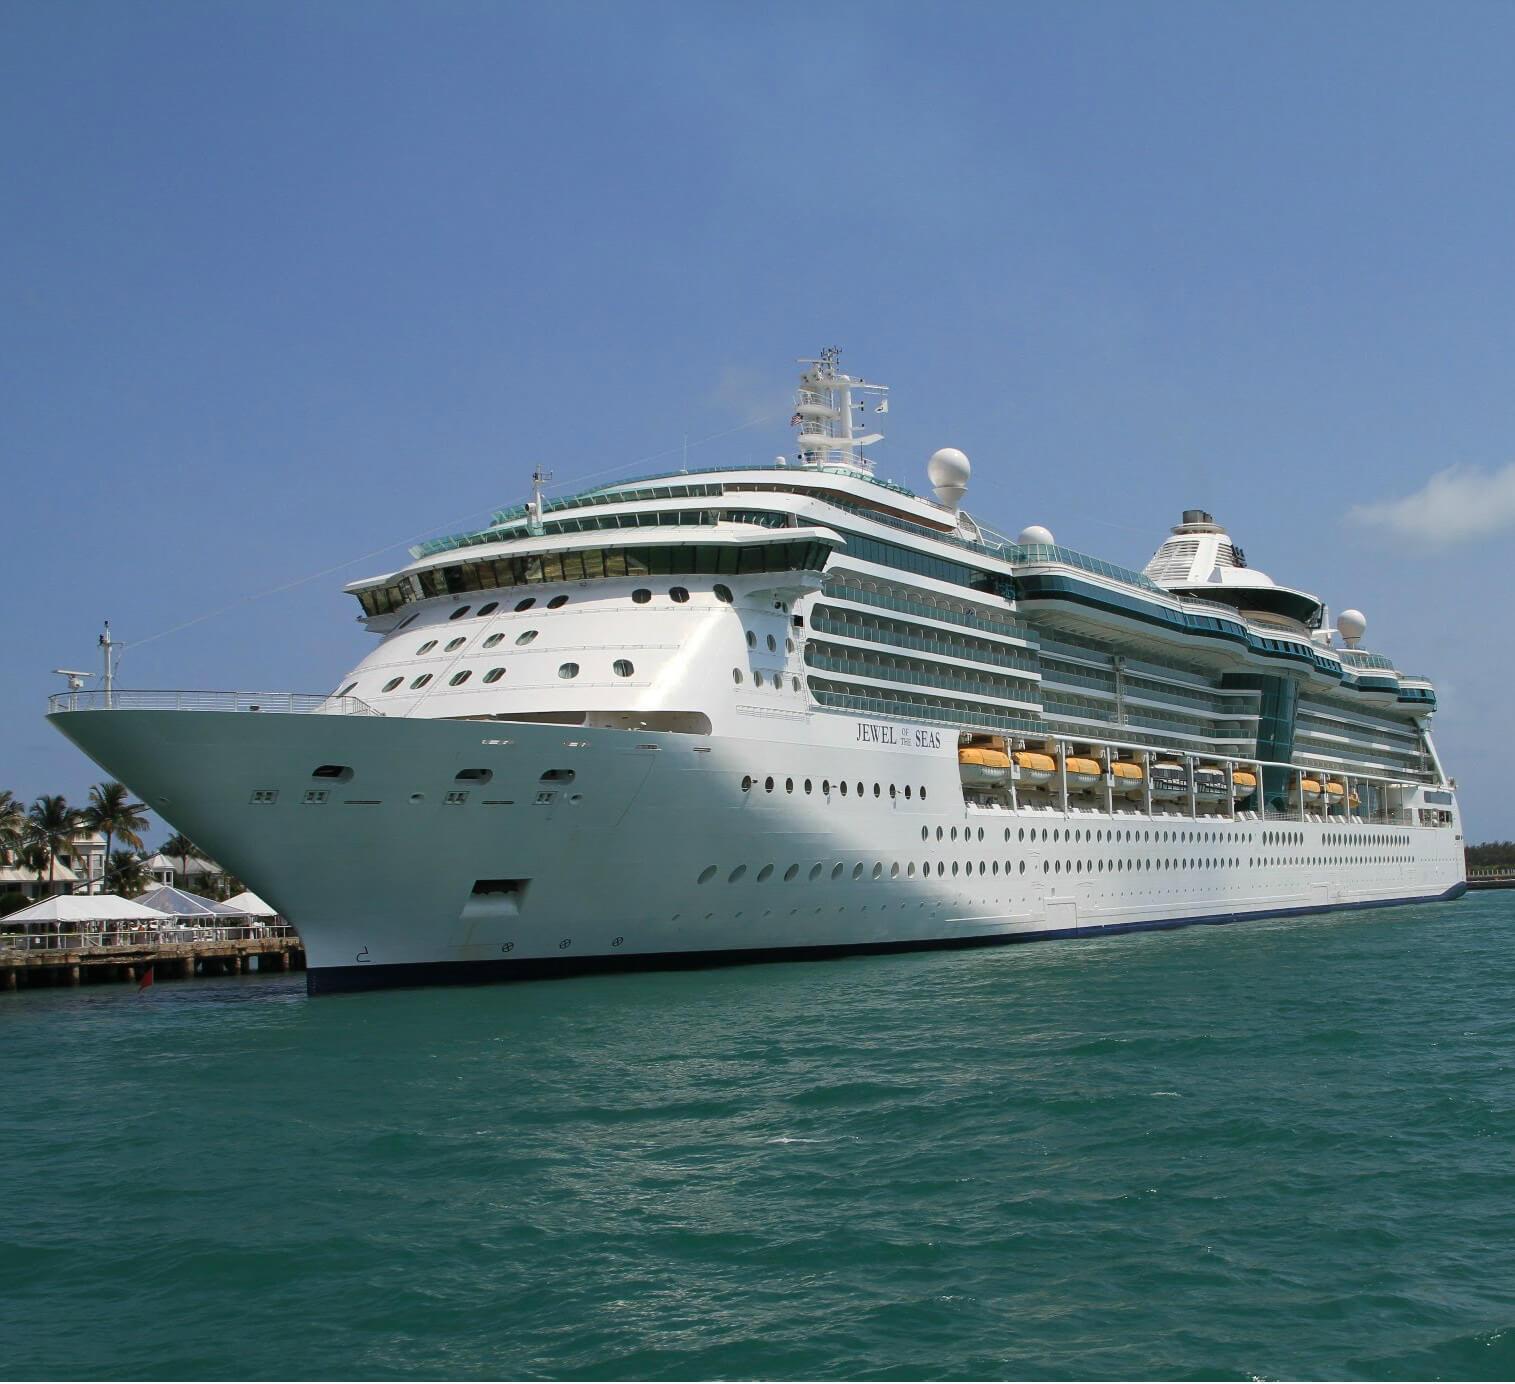 Круизный лайнер Jewel of the Seas